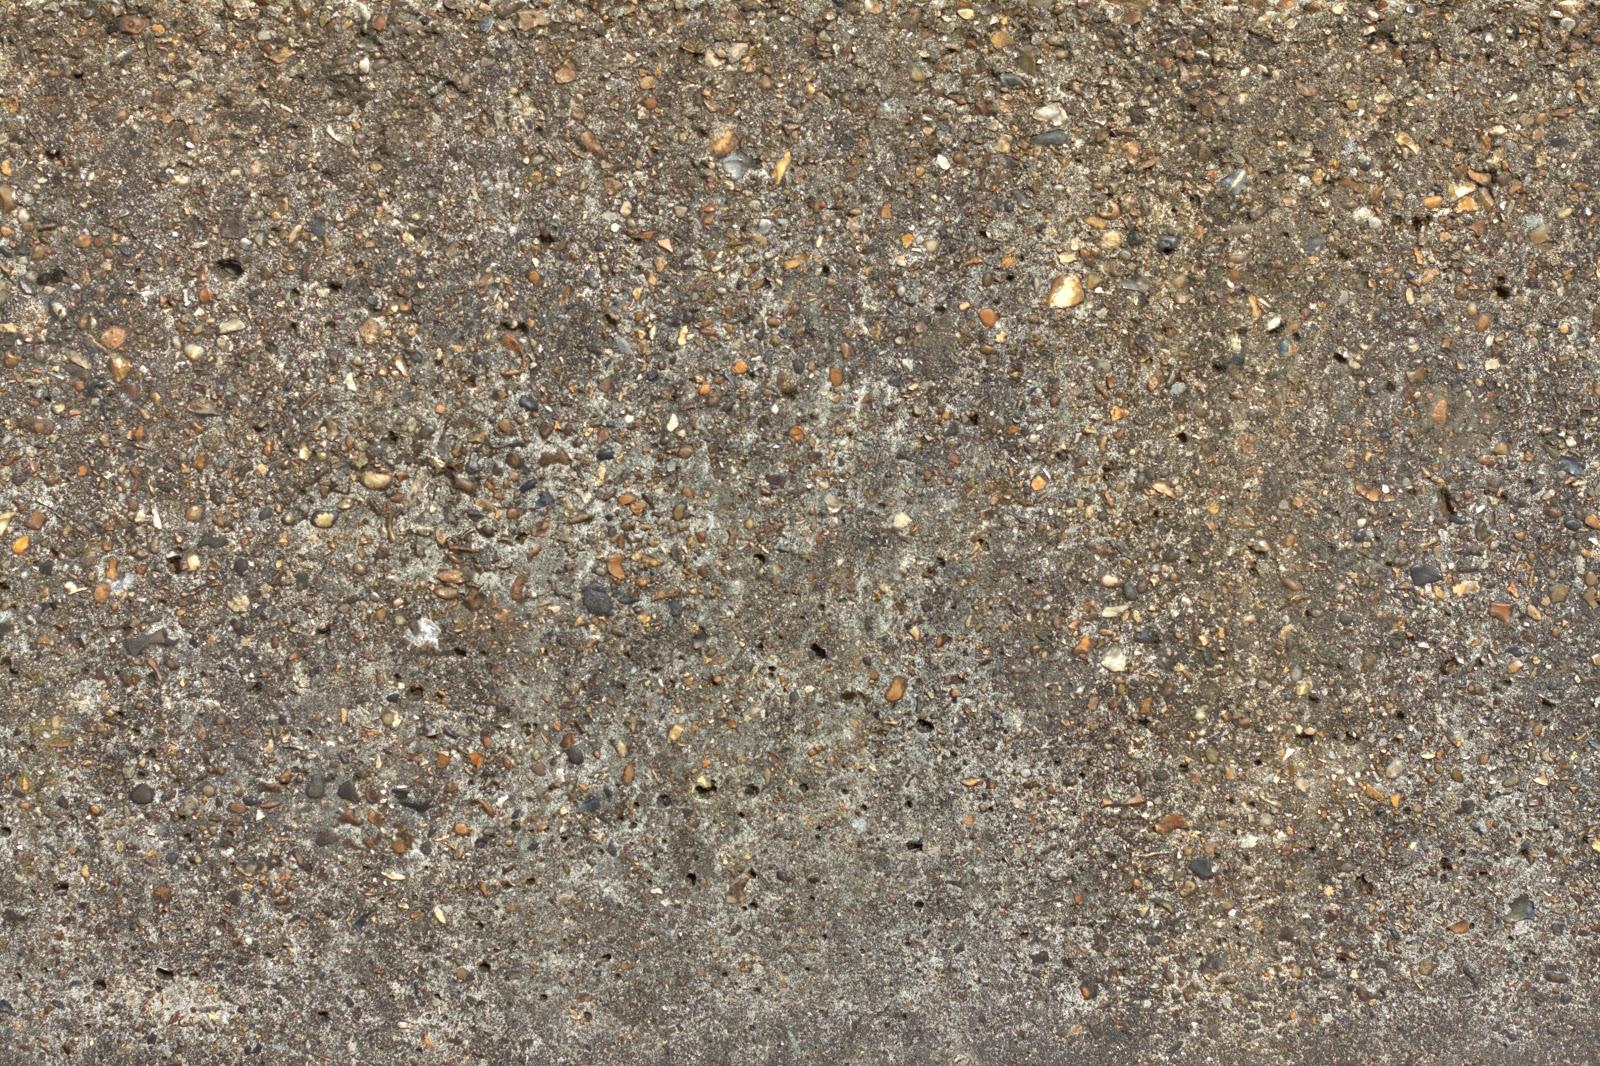 Brown Granite Rock : Brown granite stone texture pixshark images